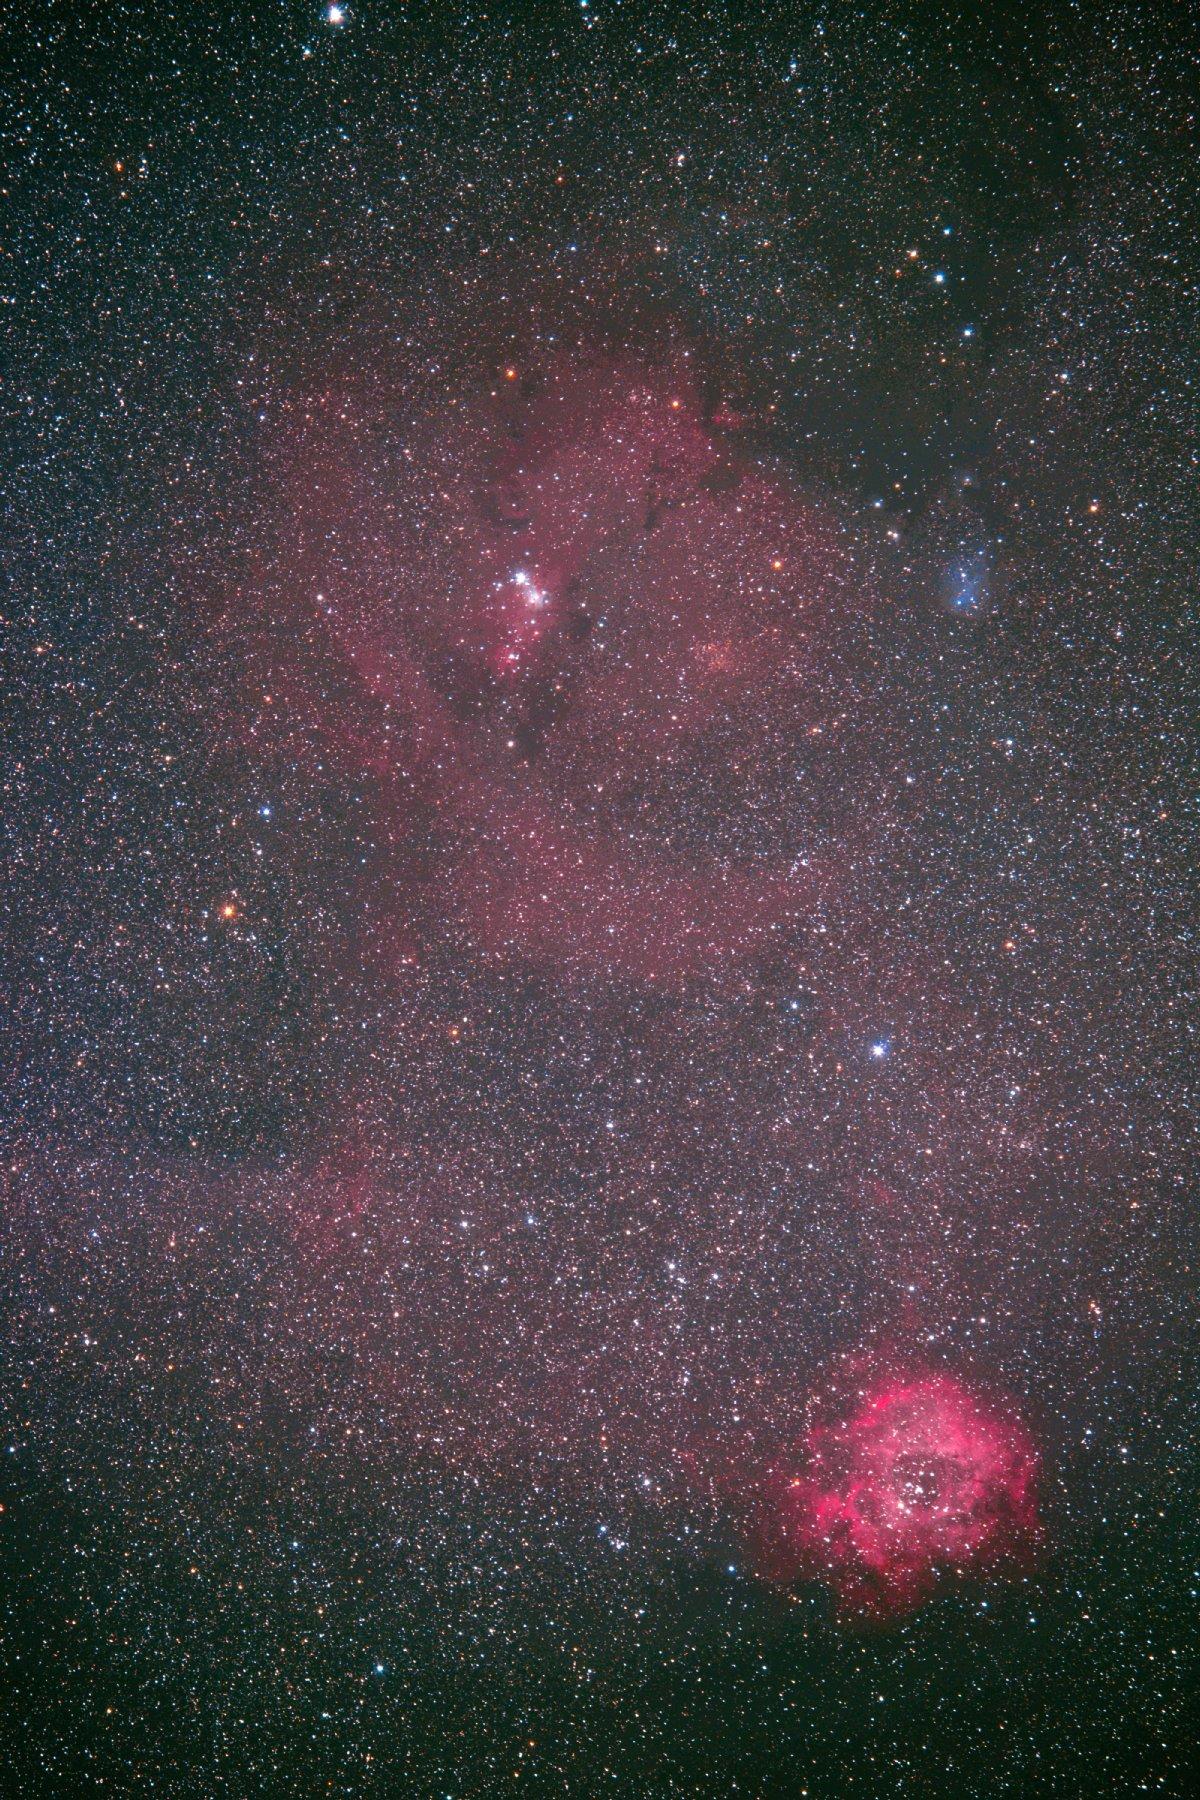 【星雲】ばら星雲&クリスマス星団